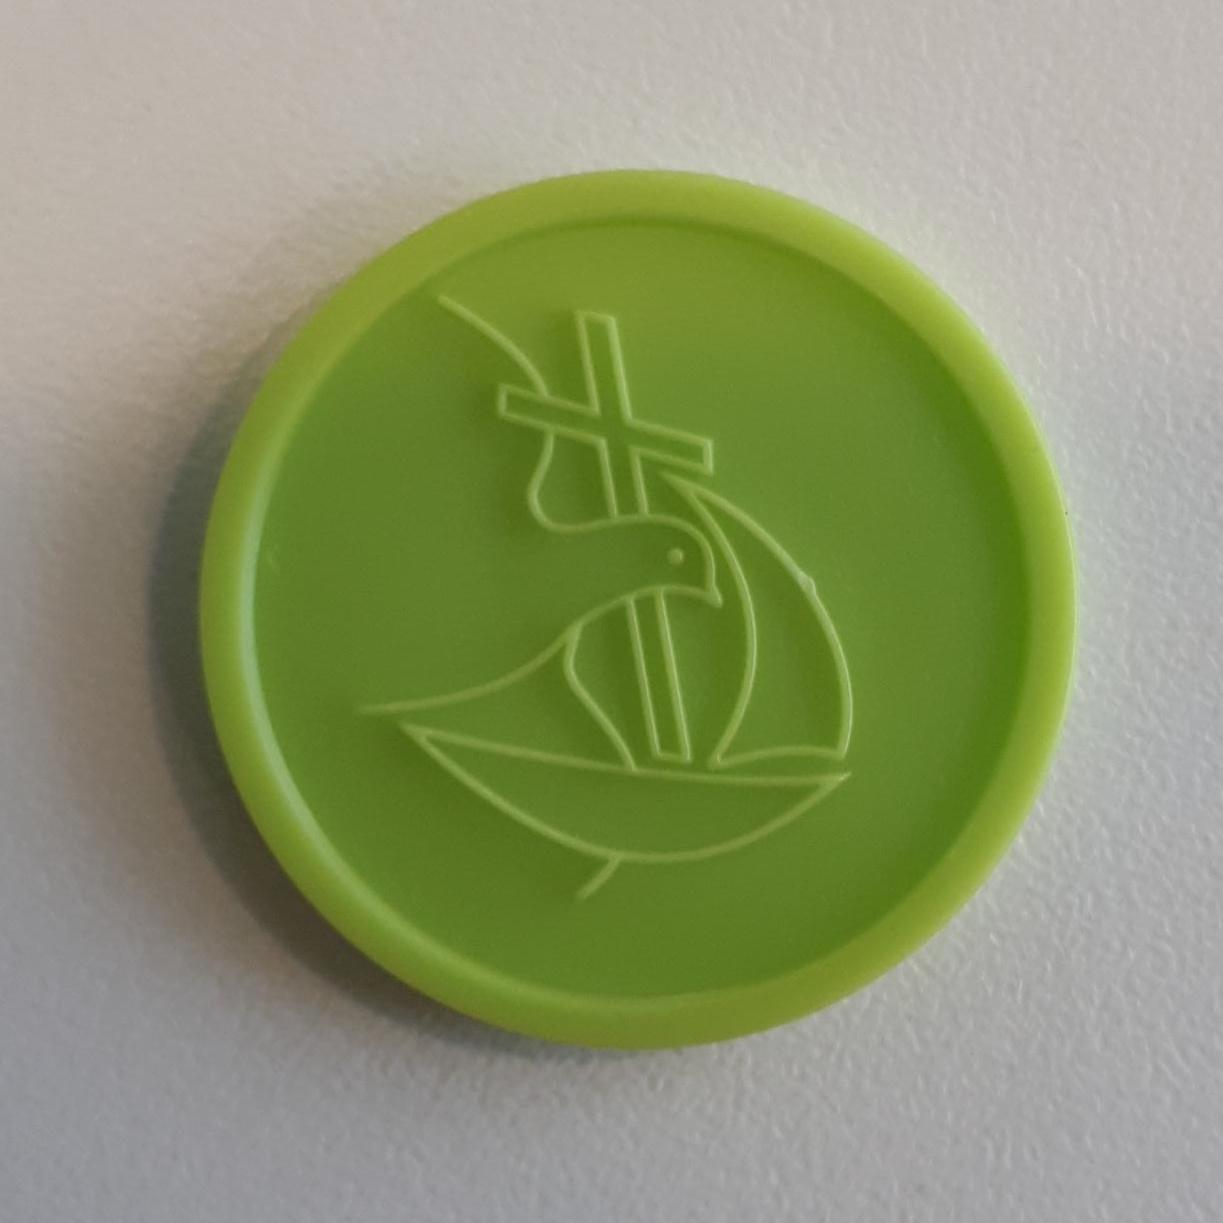 collectemunt-groen-duif-en-schip